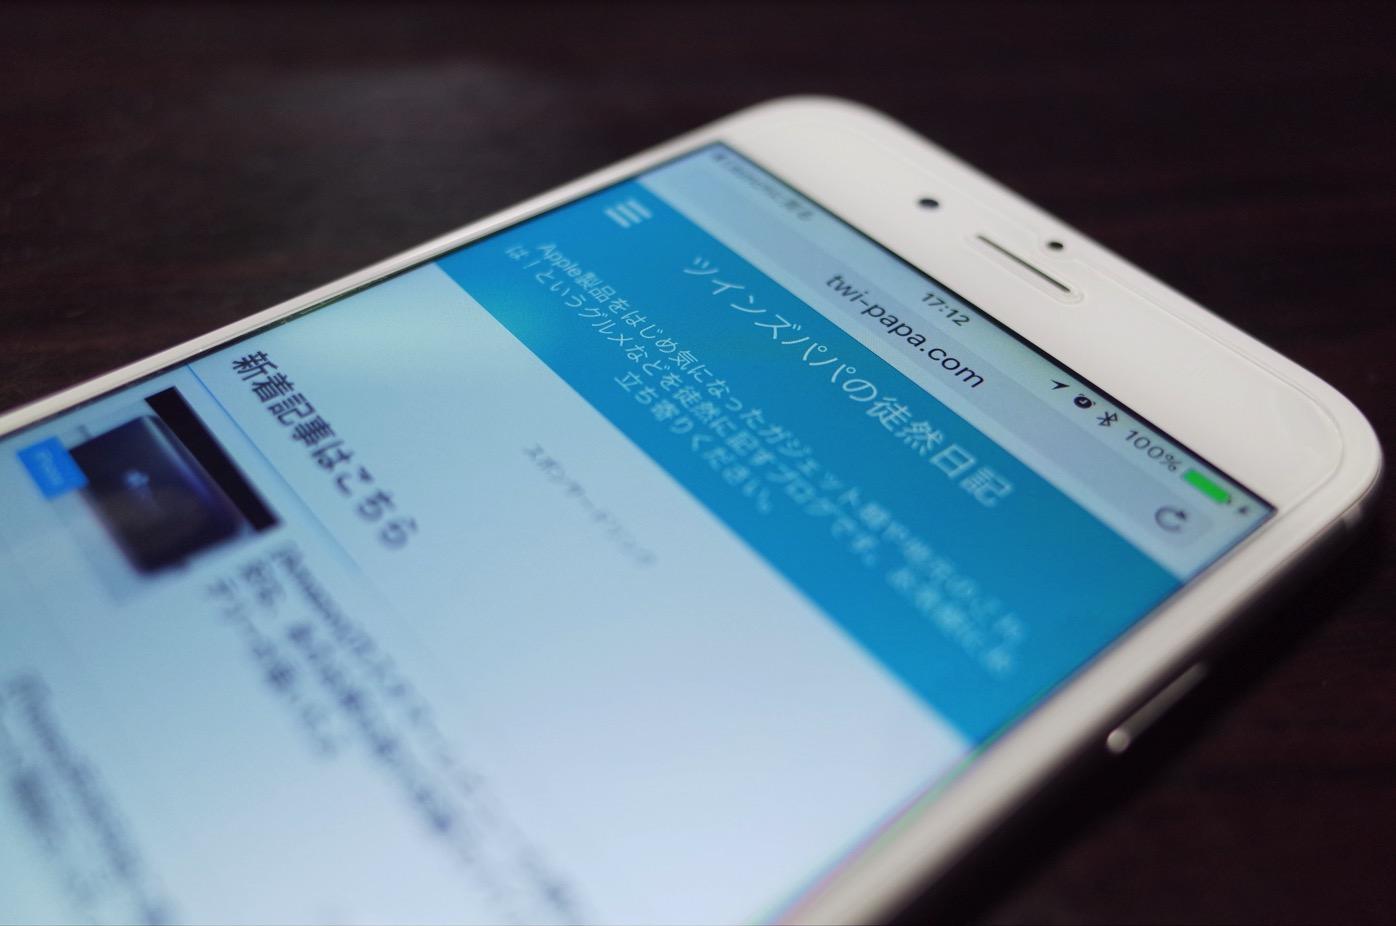 [iPhone]知ってました?バナー通知をひっぱり下ろすとメールの大部分が確認できるよ